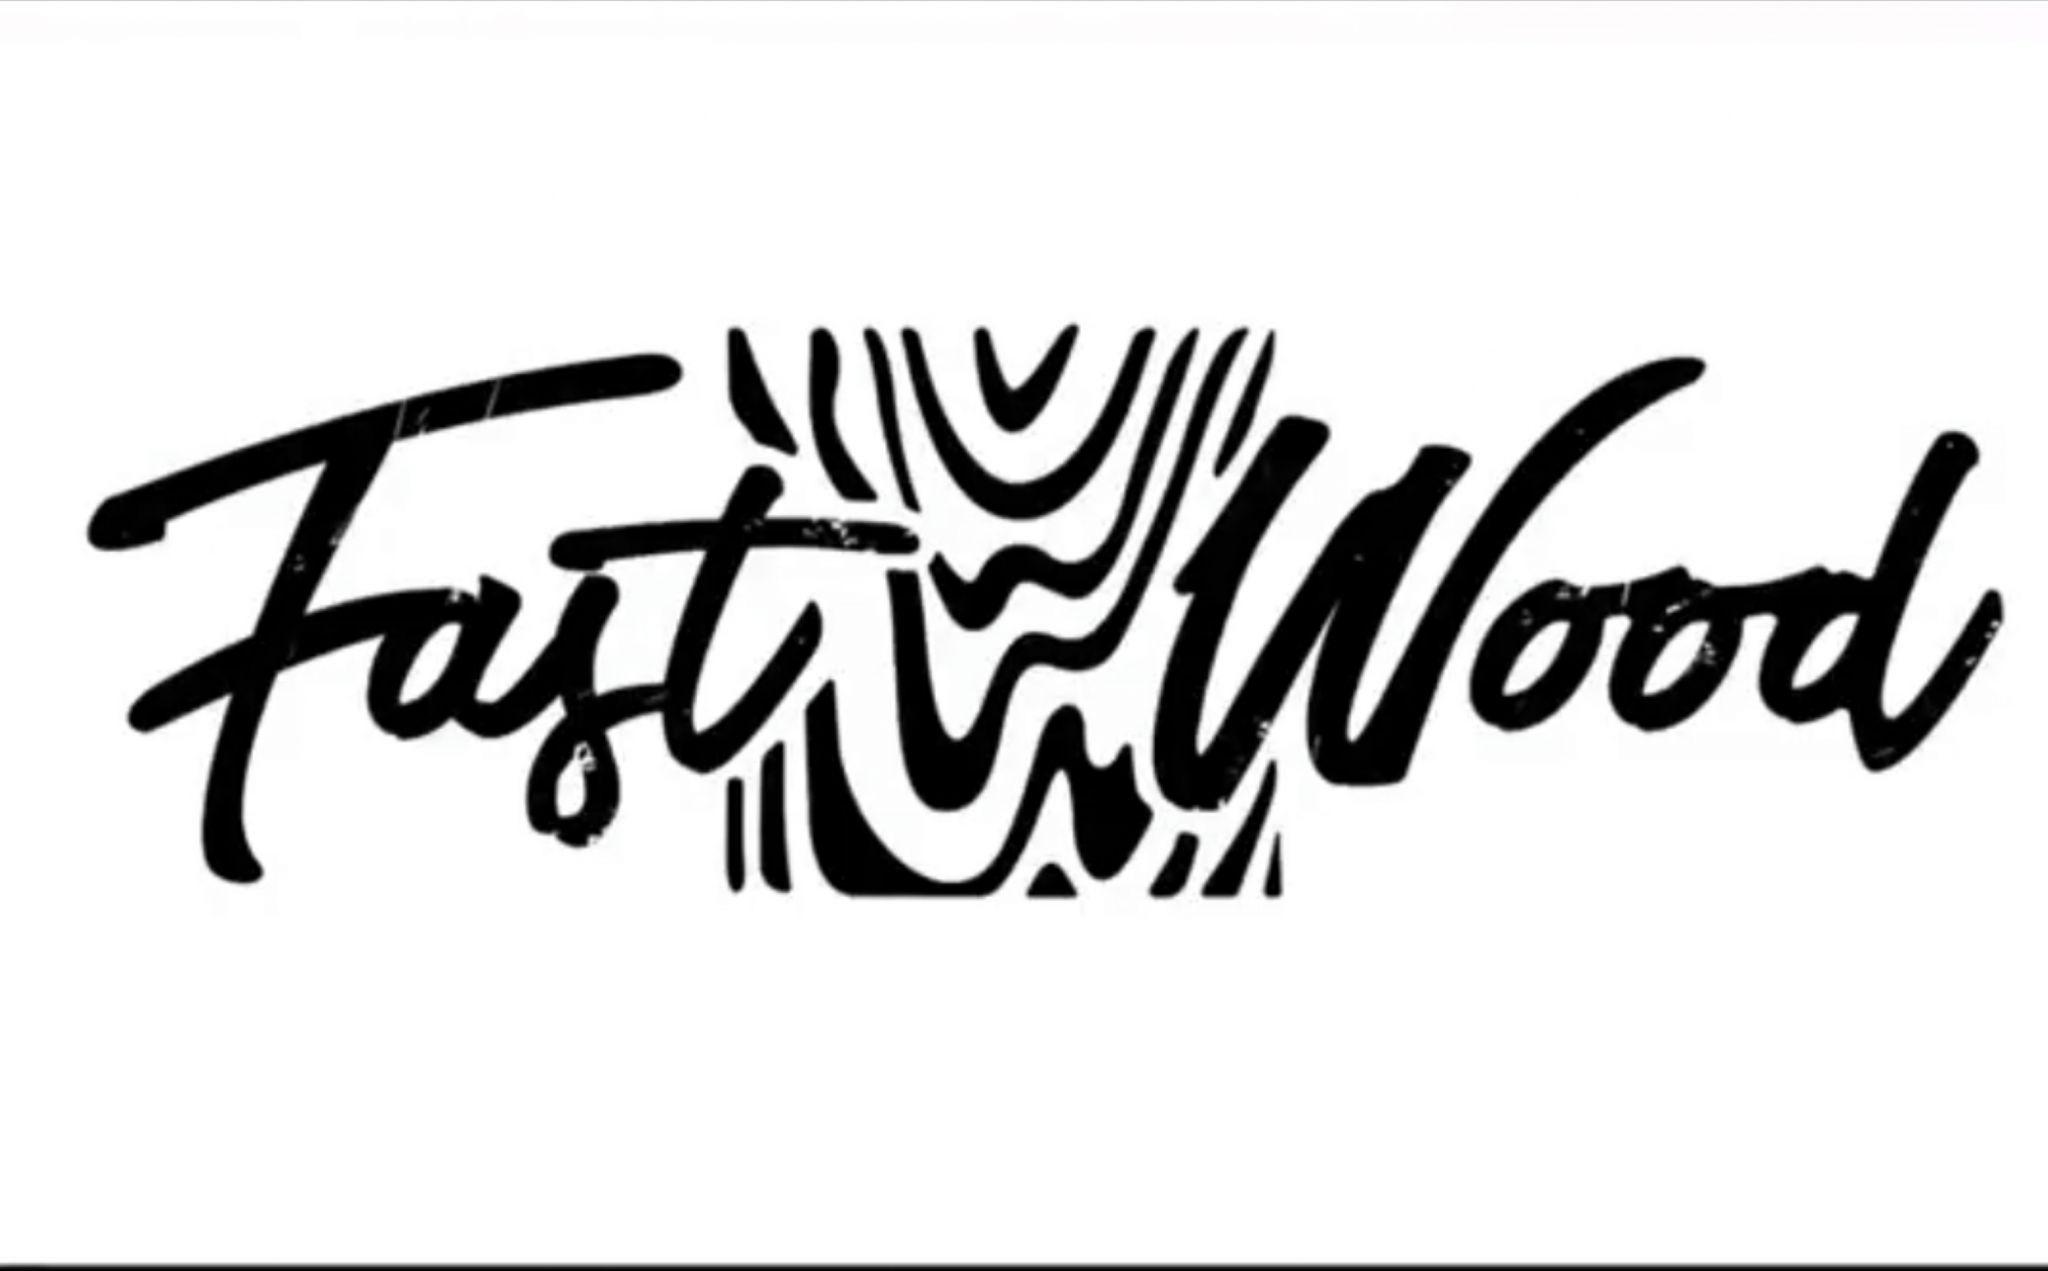 Fast Wood